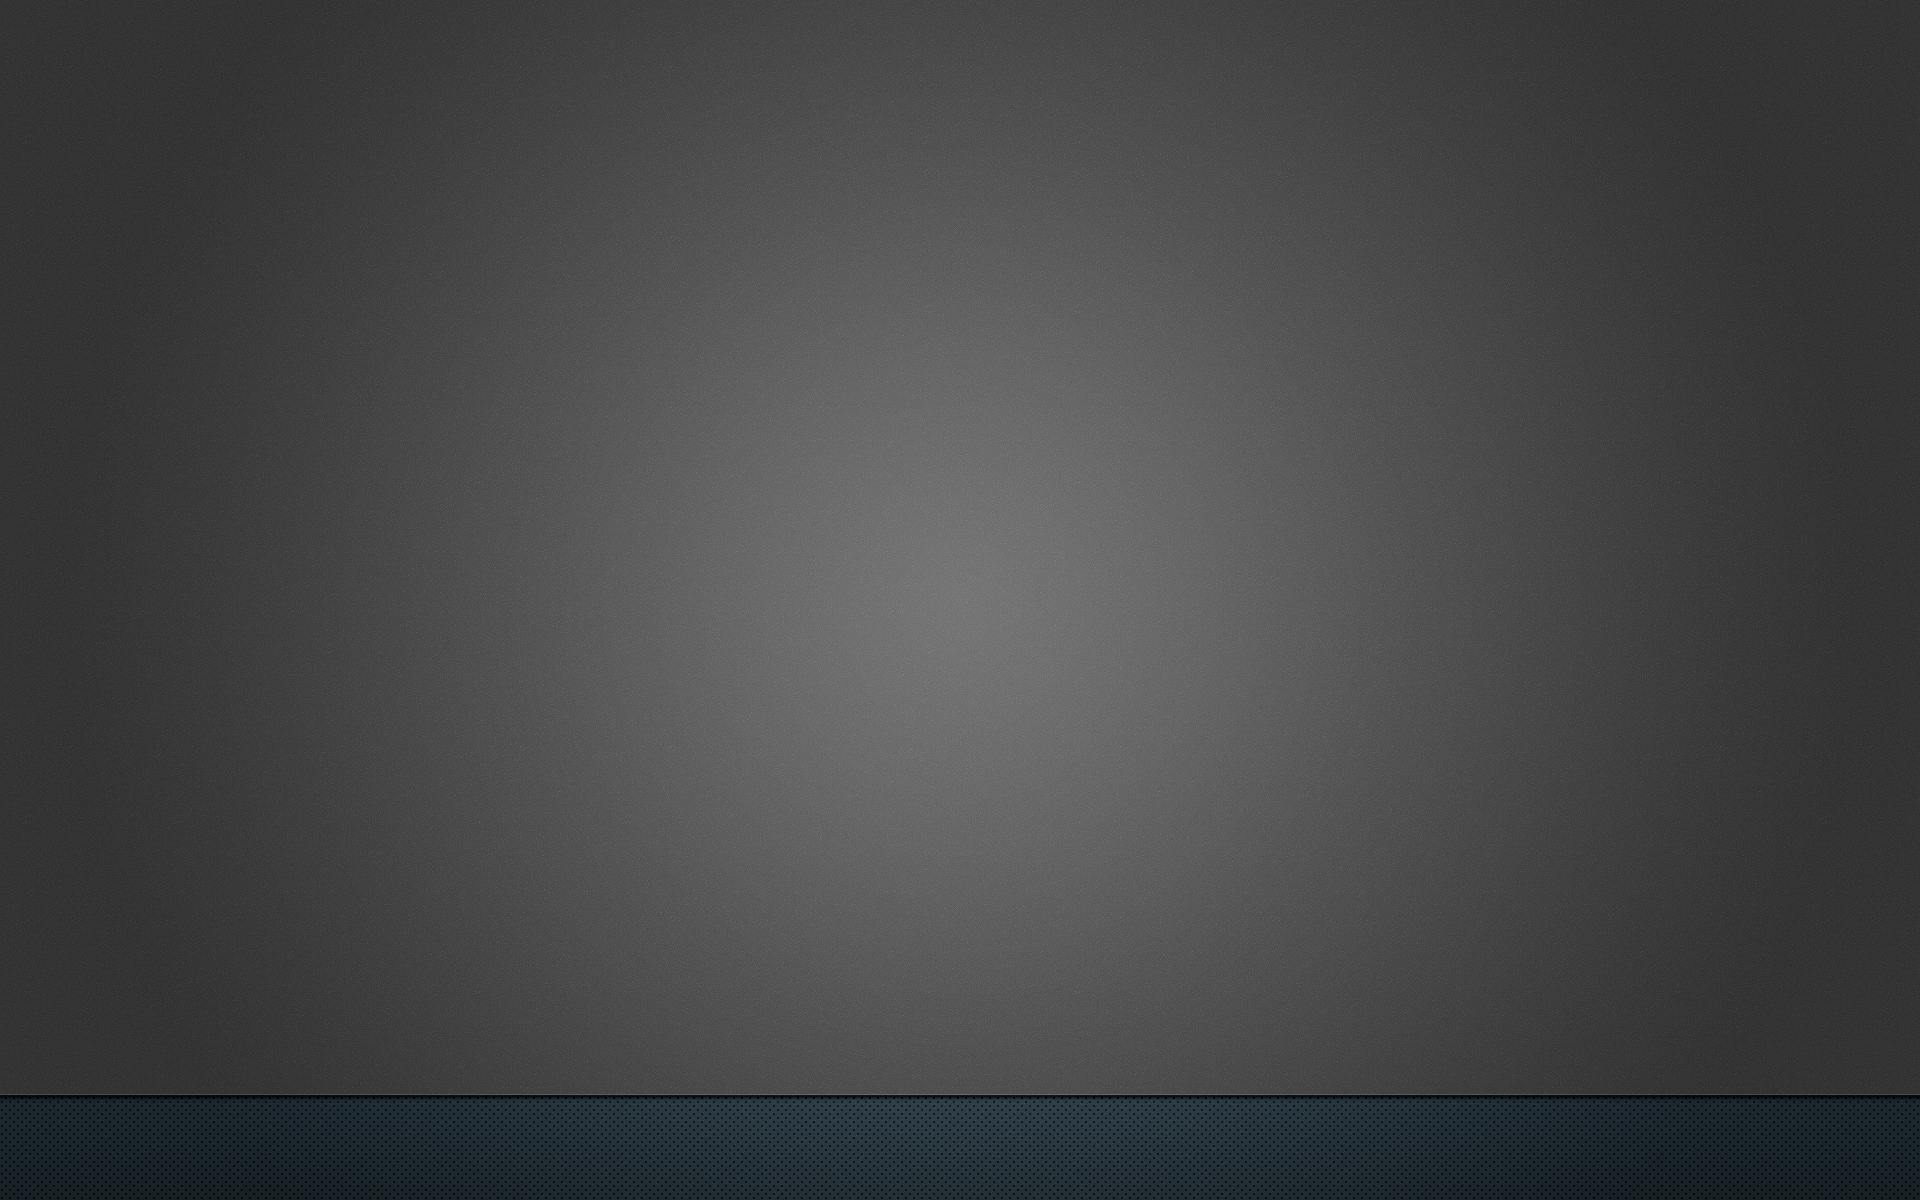 Grigio Hd Wallpaper Sfondi 1920x1200 Id87123 Wallpaper Abyss